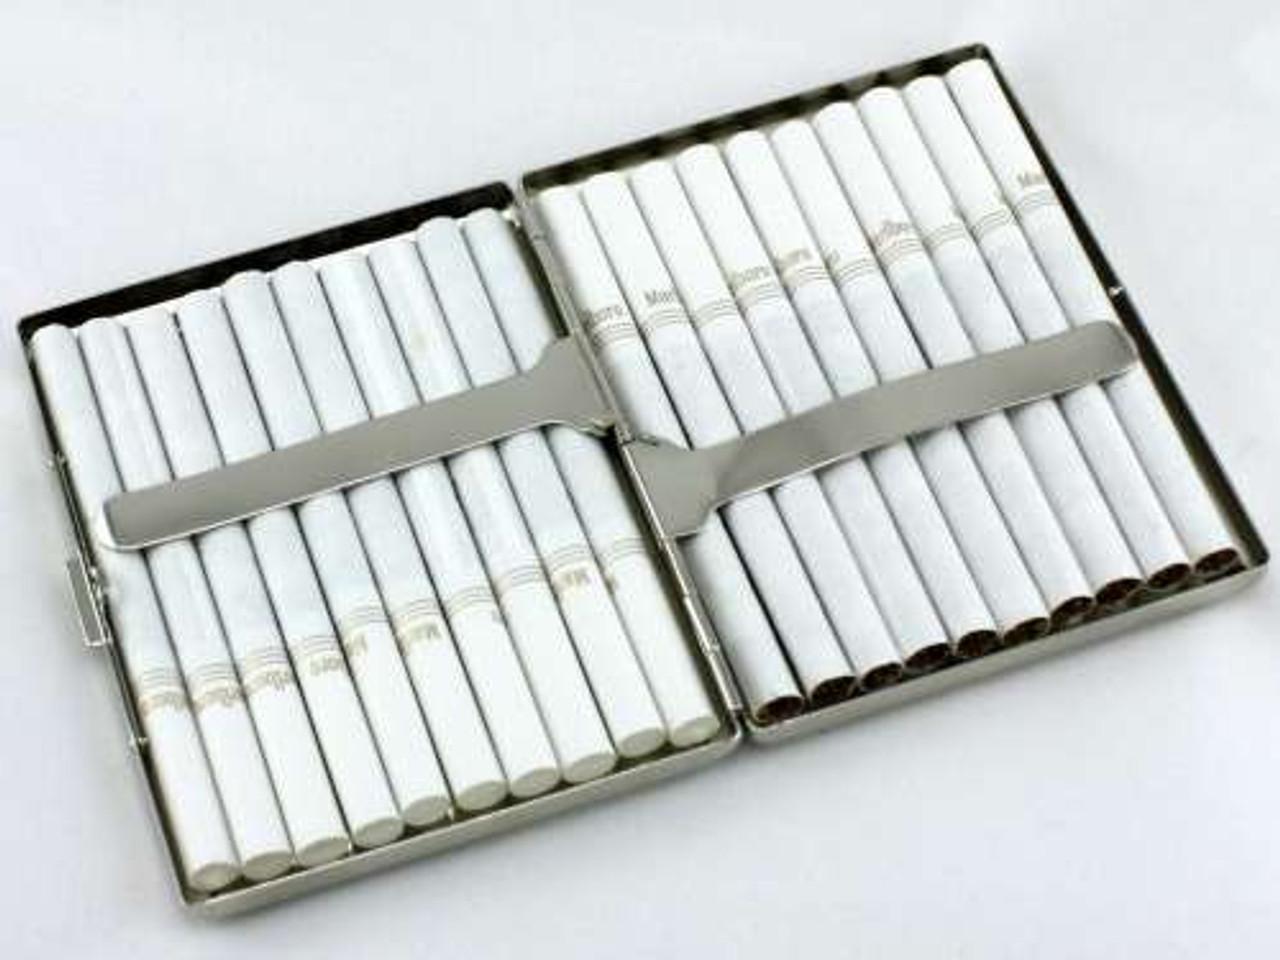 King of Spades Cigarette Case